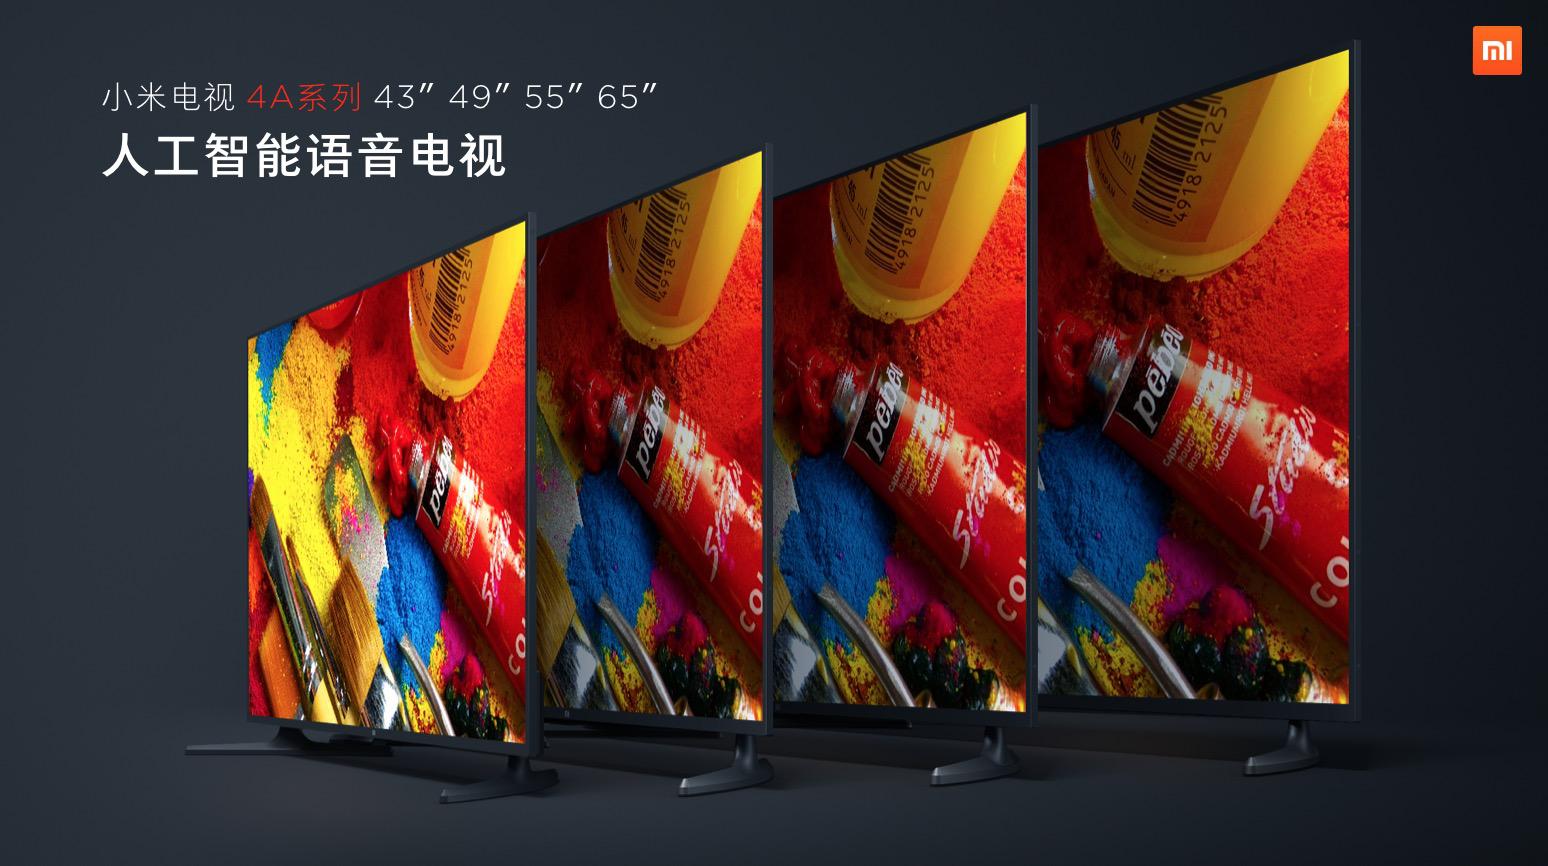 小米发布 全球首款人工智能语音电视